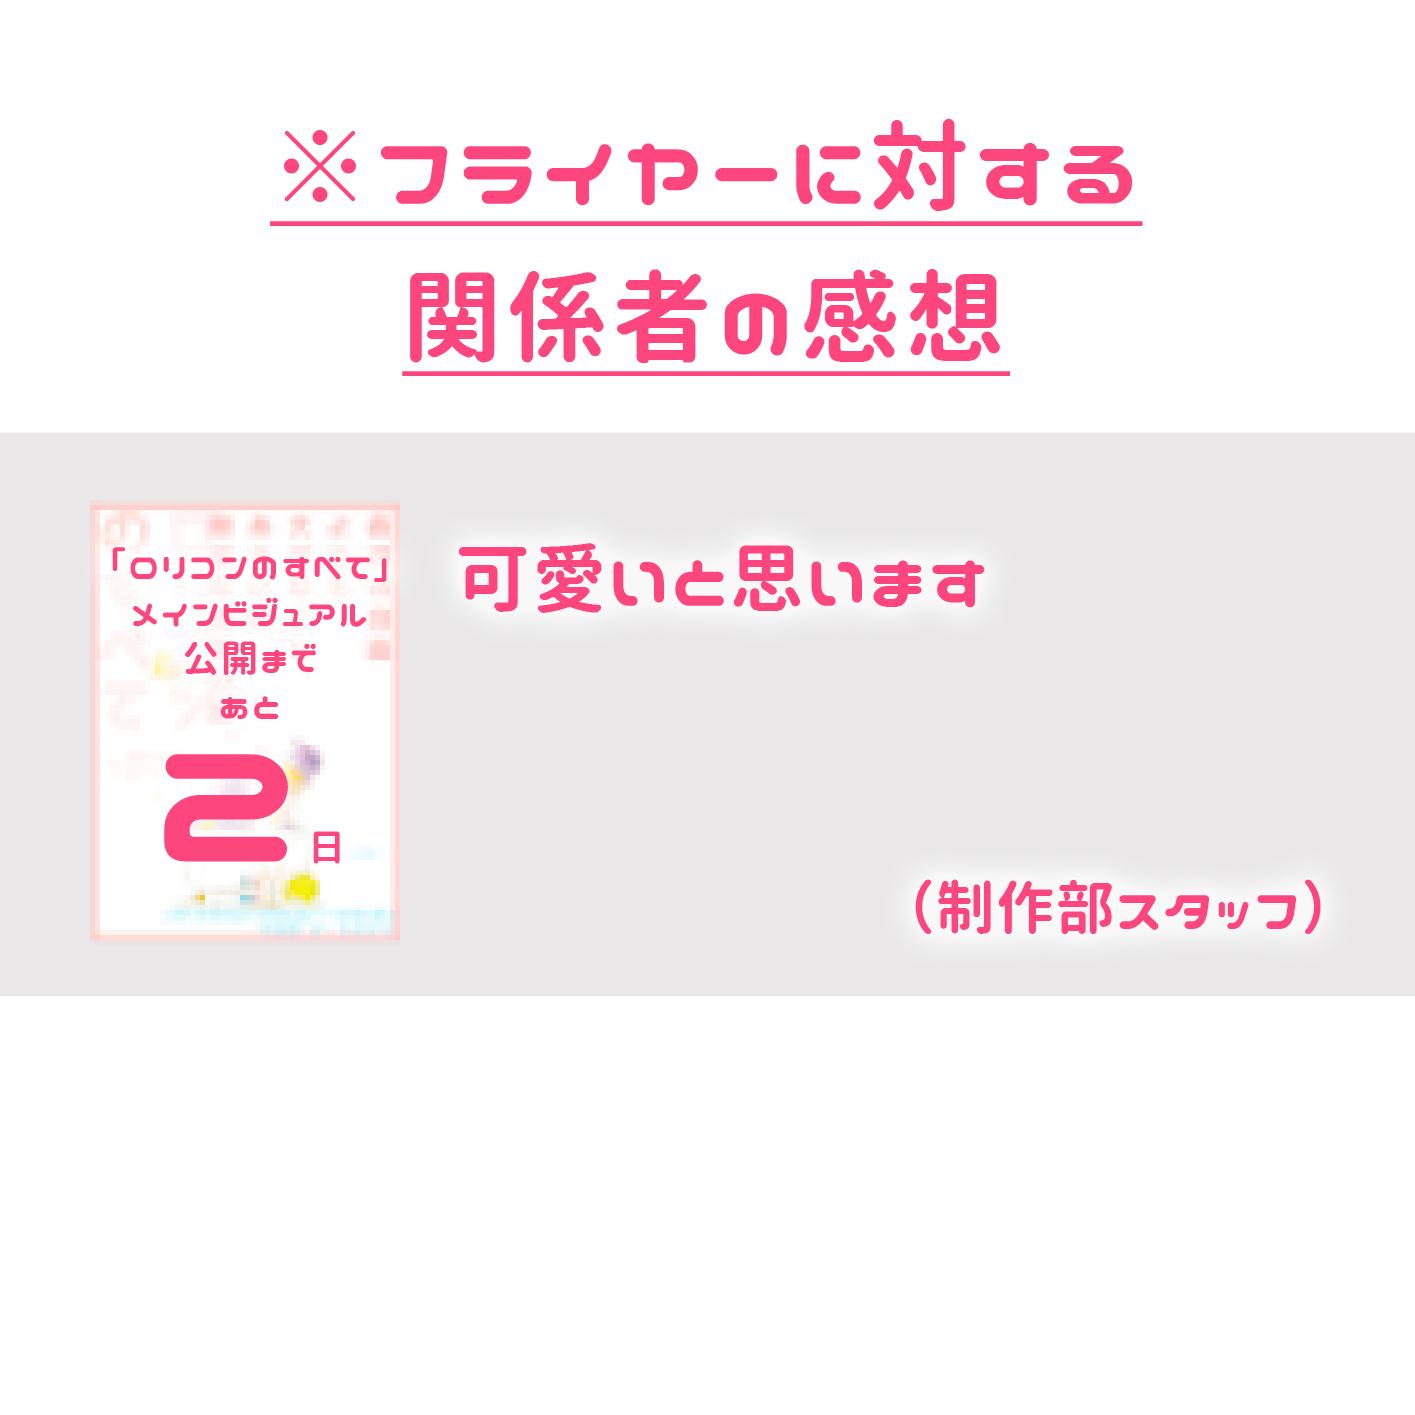 メインビジュアル公開_002_感想004